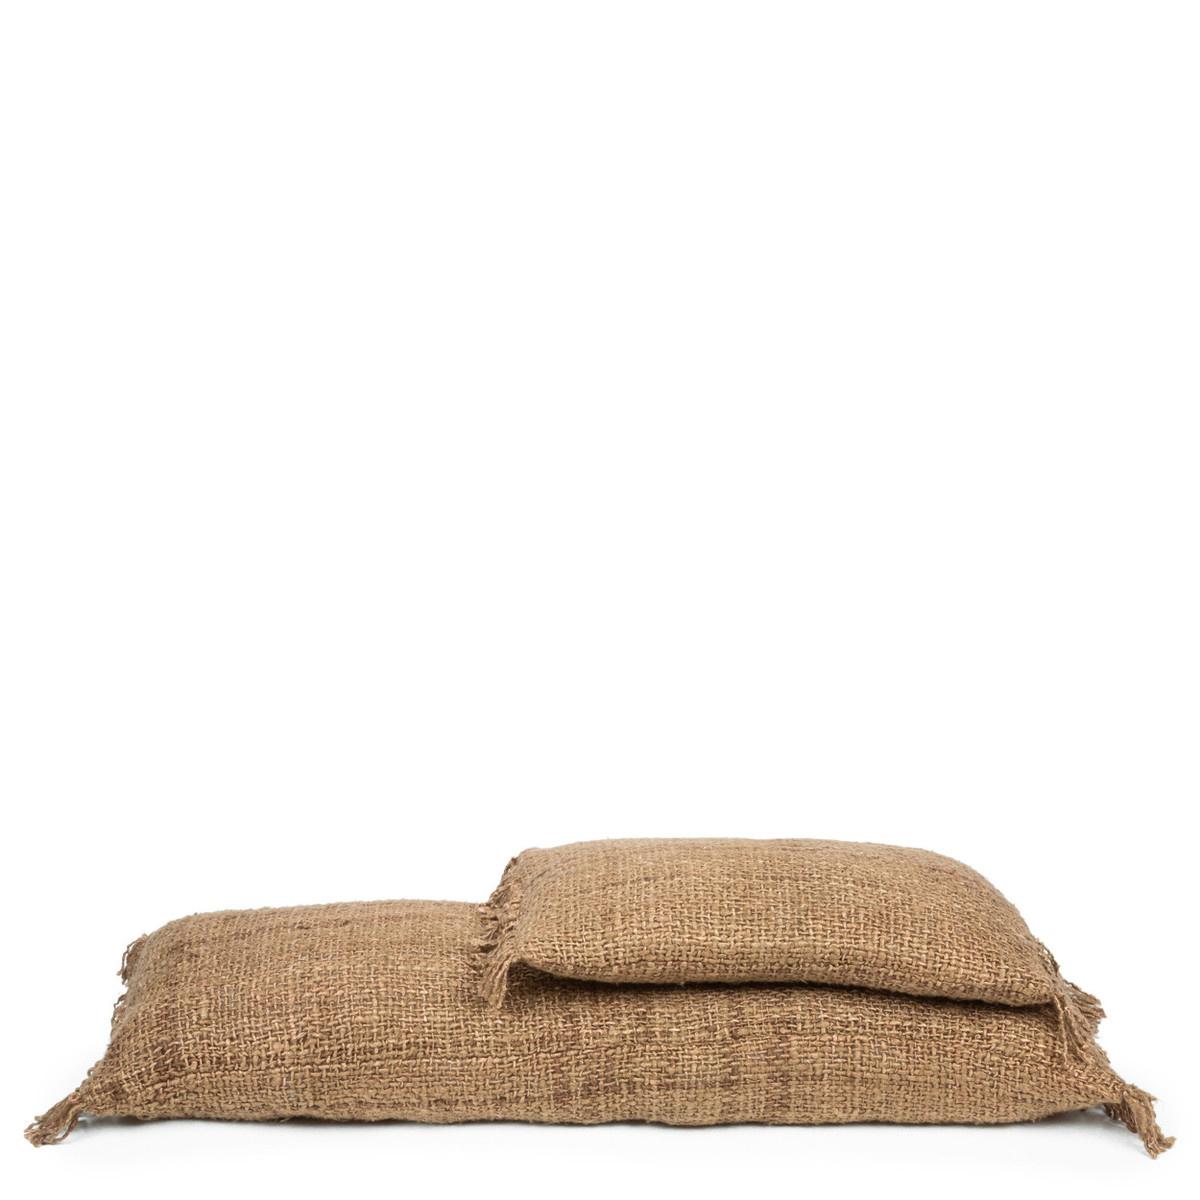 Bazar Bizar Cushion Boho - Brown / Natural - L100xW35cm